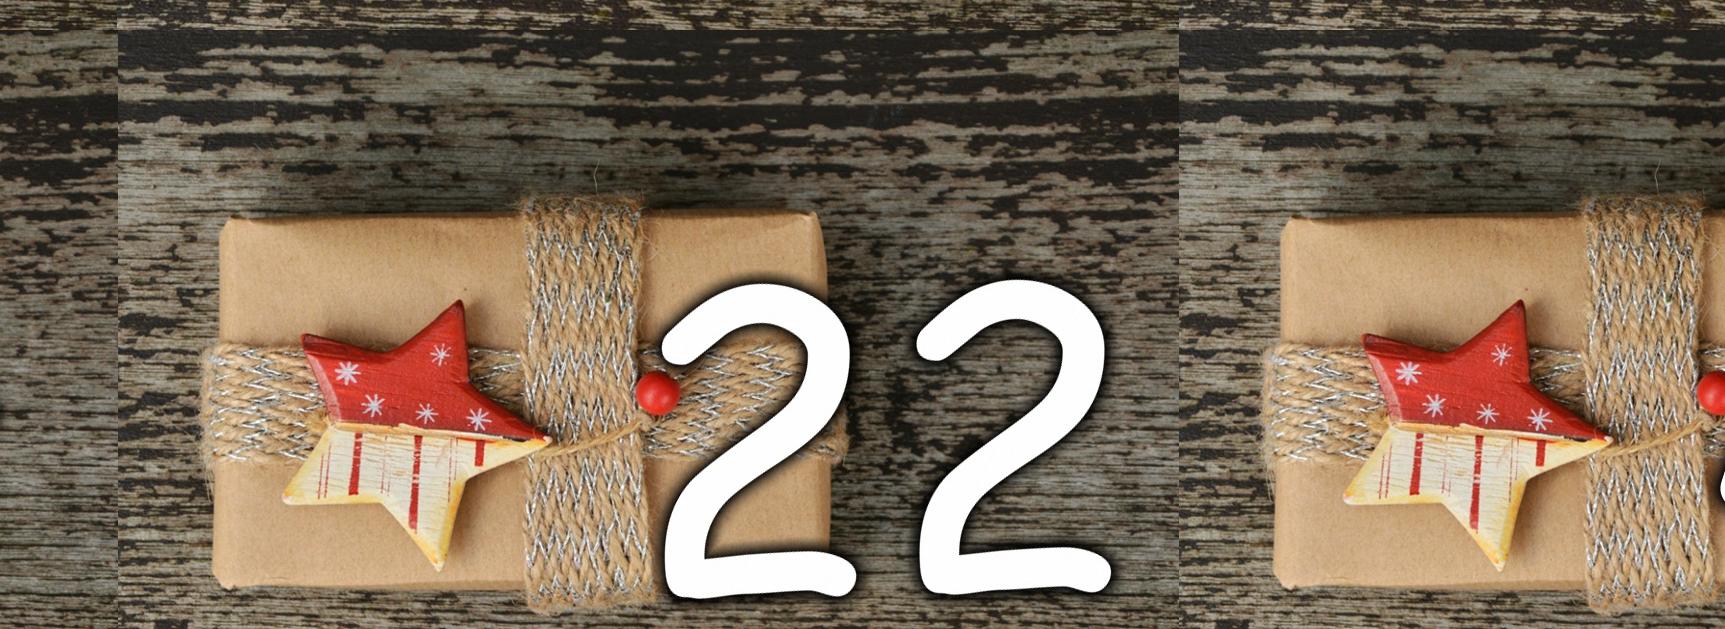 buchgeschenk-advent-22